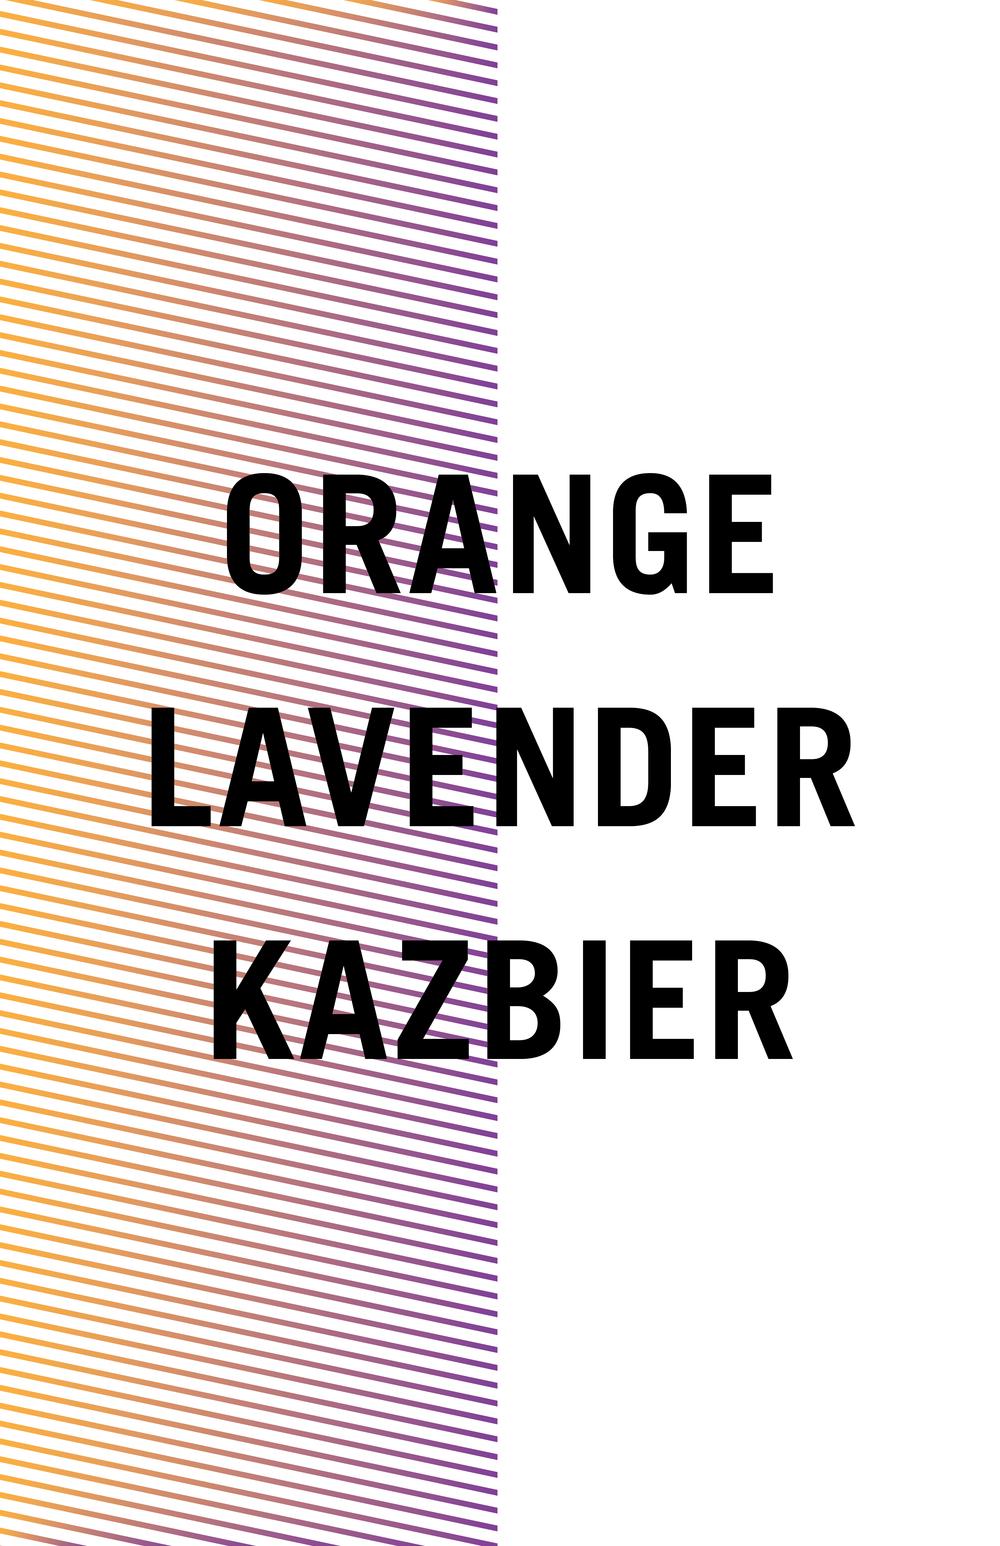 OrangeLavKaz-03.png